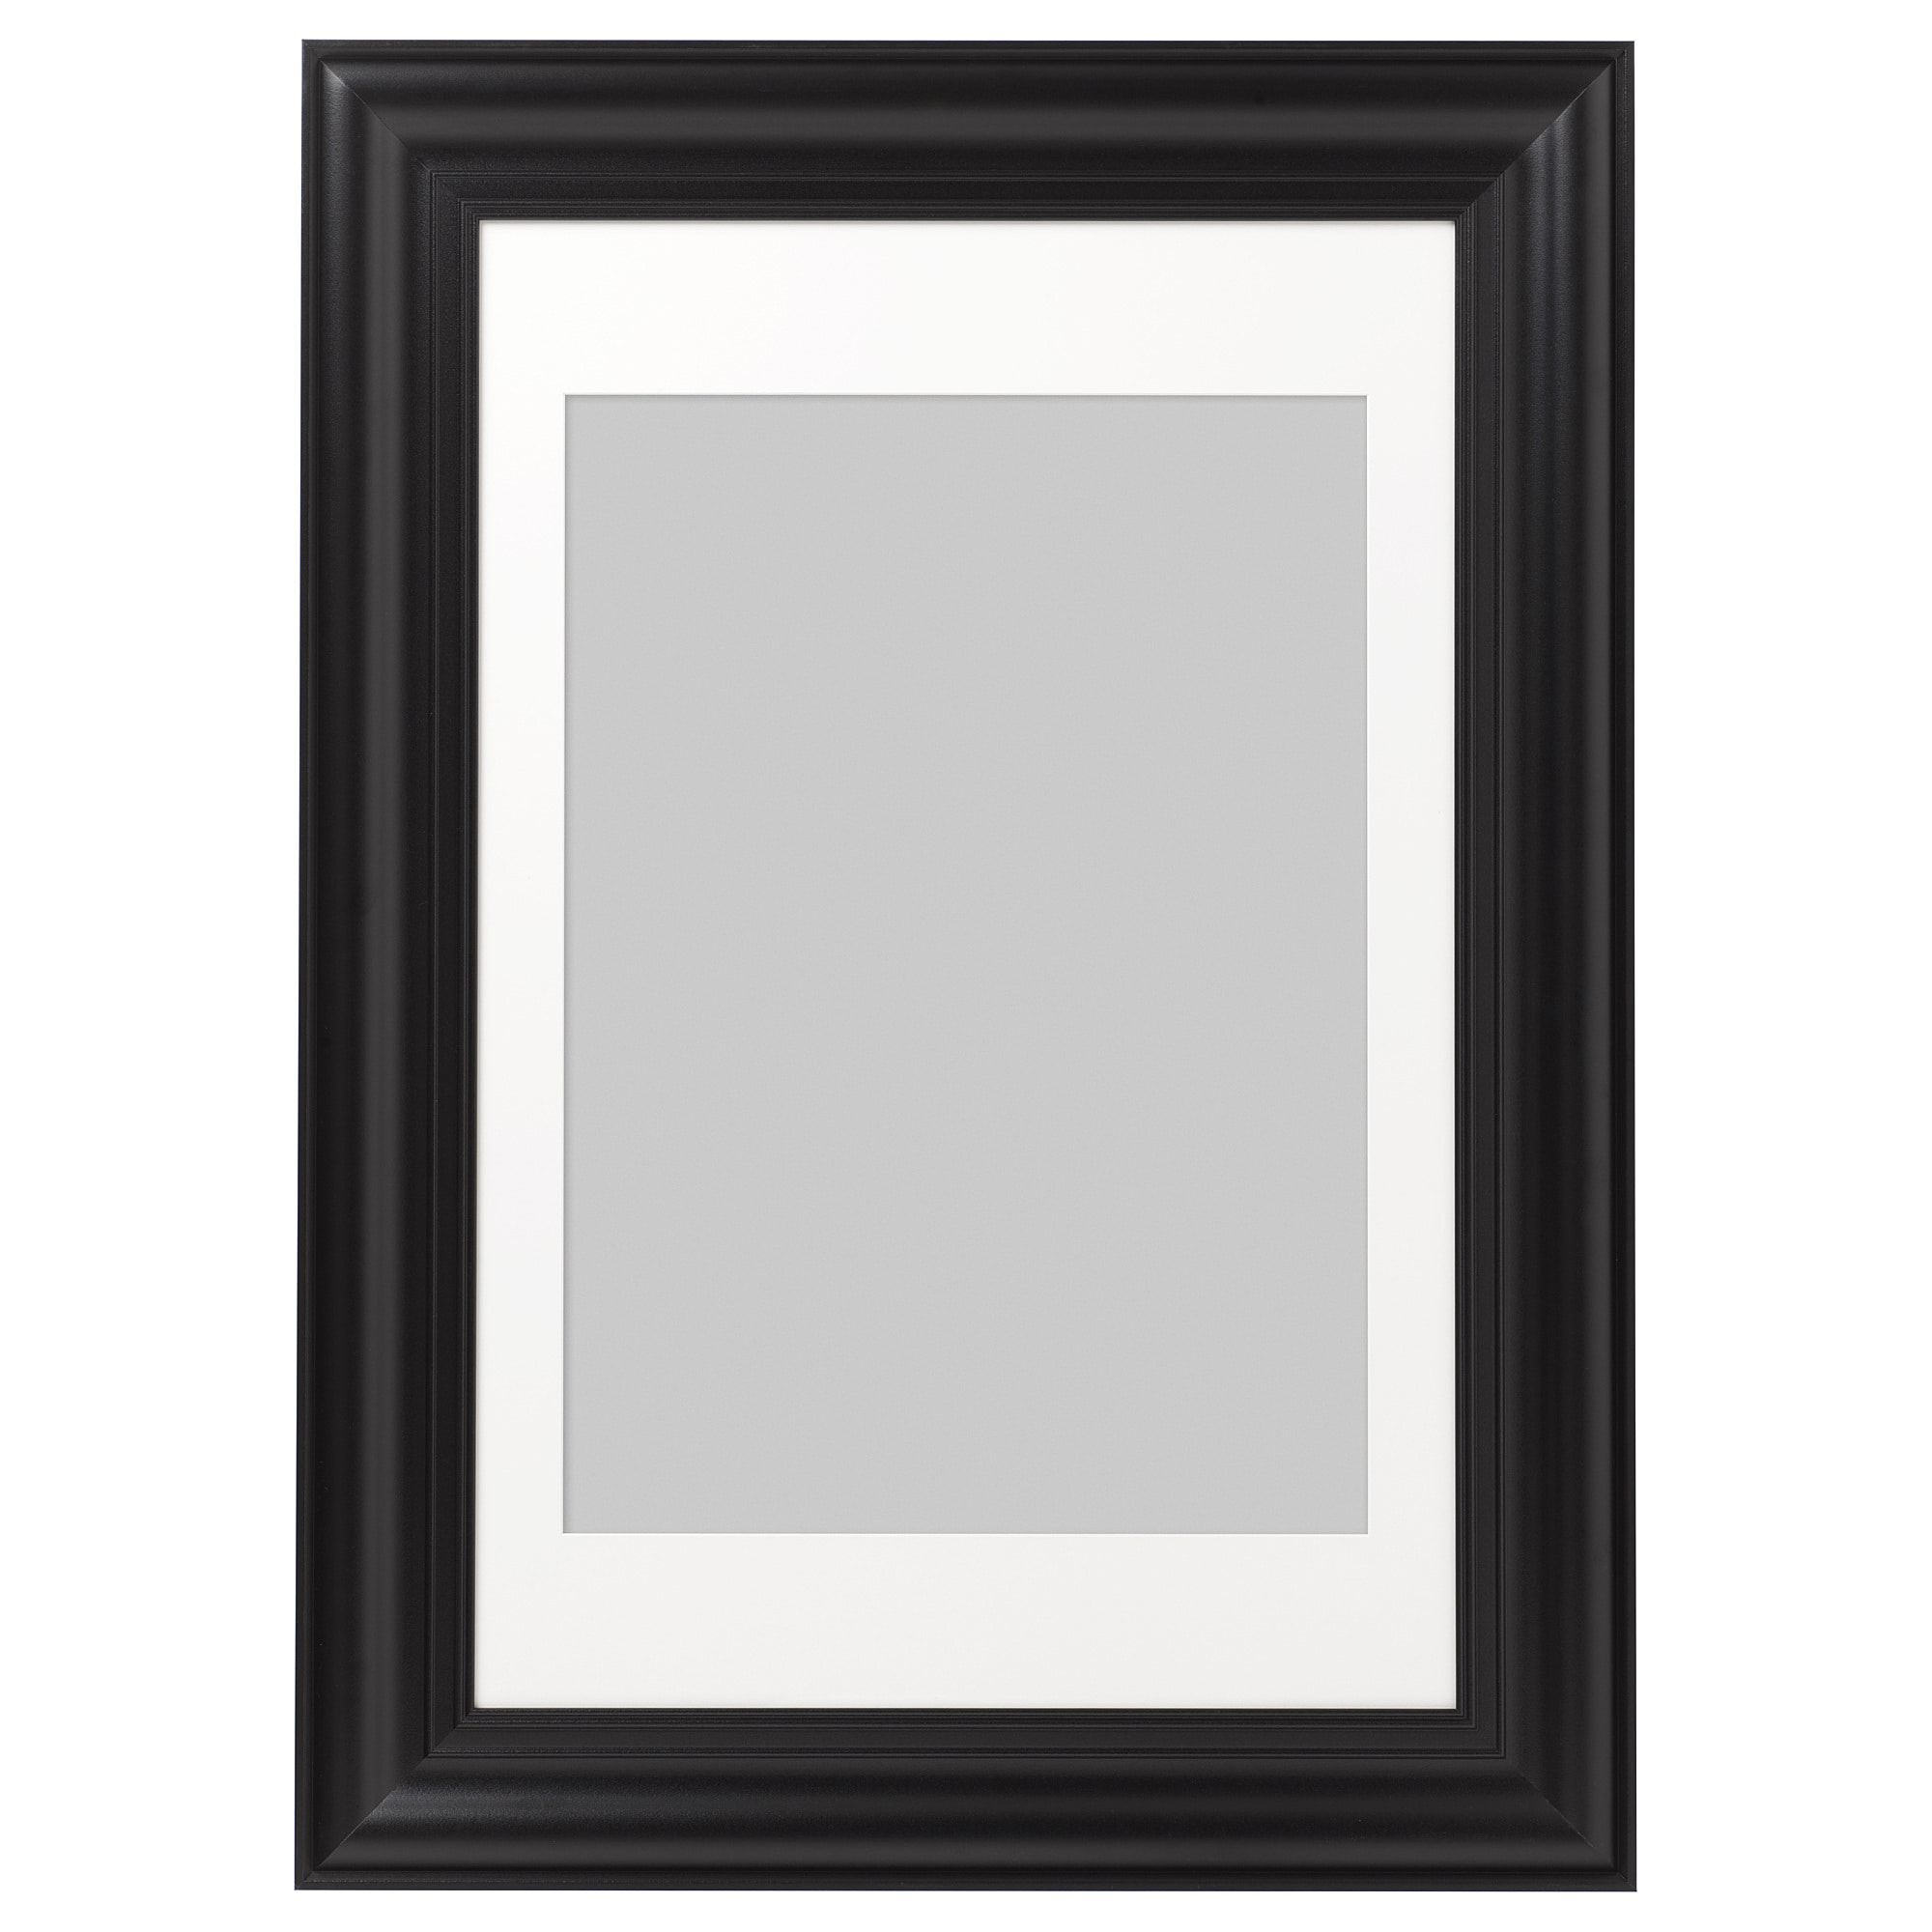 Cadre Photo Sur Pied Ikea skatteby cadre - noir 61x91 cm | cadres noirs, ikea et